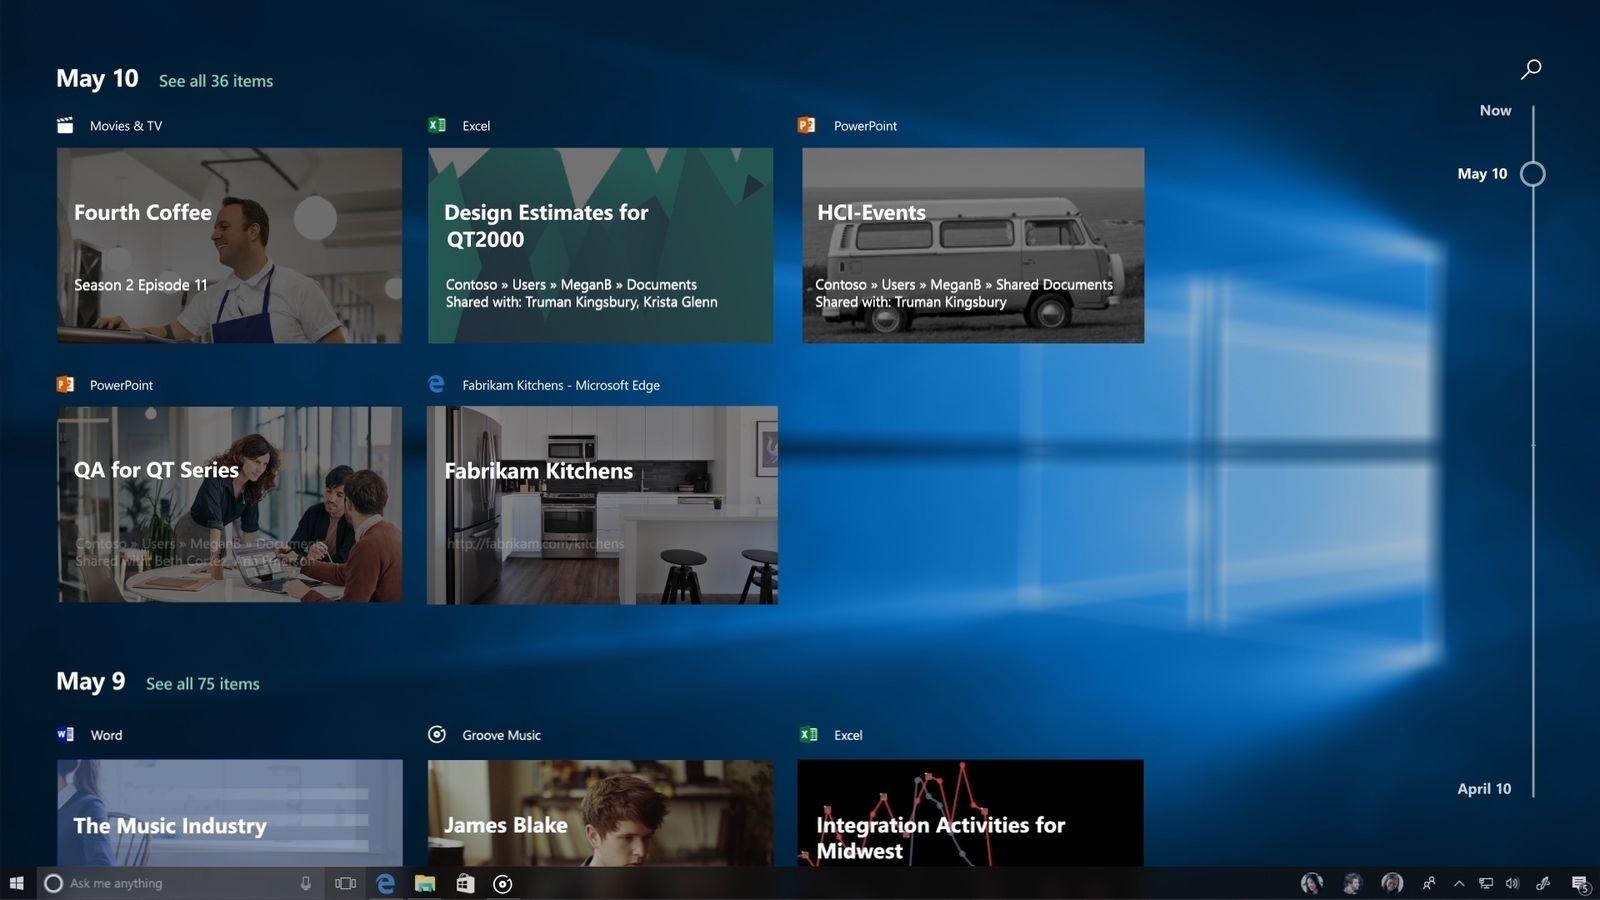 Timeline, la nuova funzione per Windows 10 in arrivo con Redstone 4